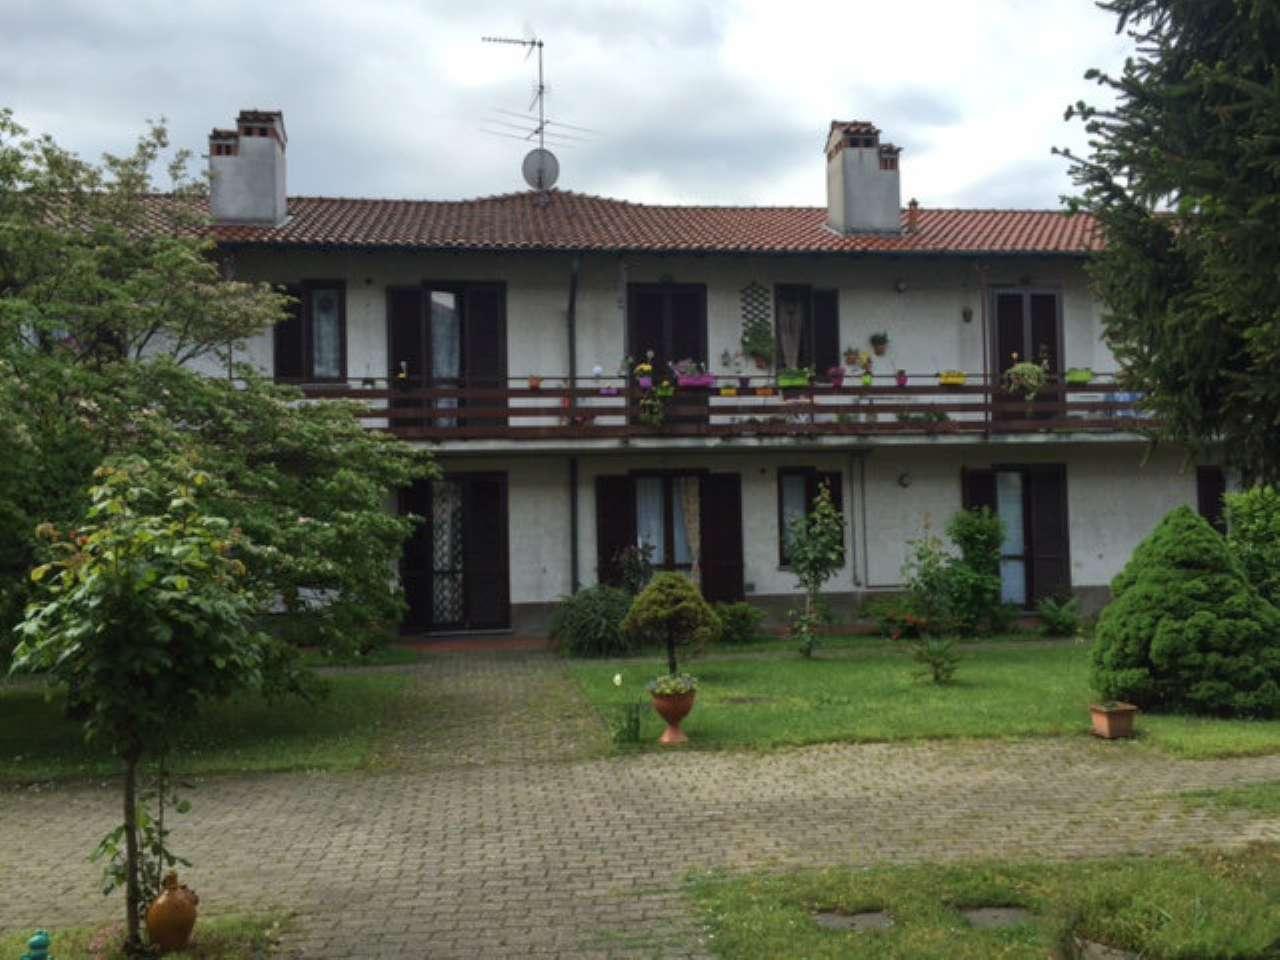 Appartamento in vendita a Gorla Minore, 2 locali, Trattative riservate | Cambio Casa.it